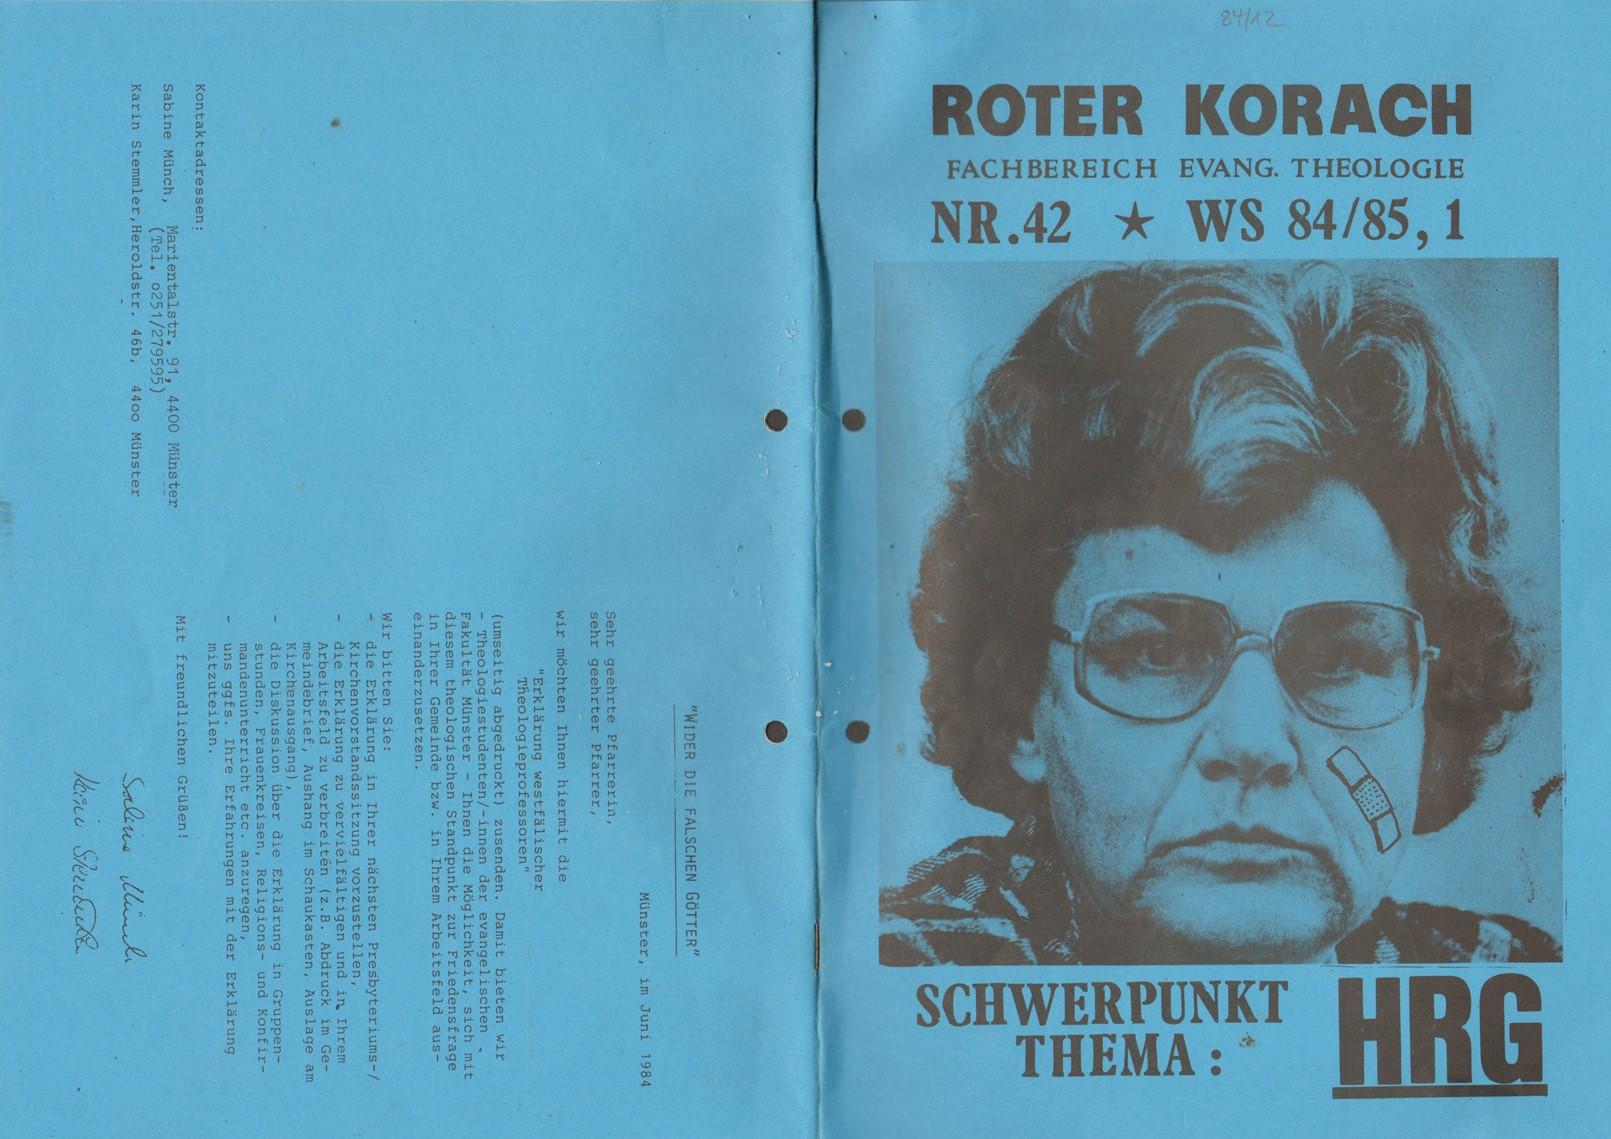 Muenster_Roter_Korach_19841200_01